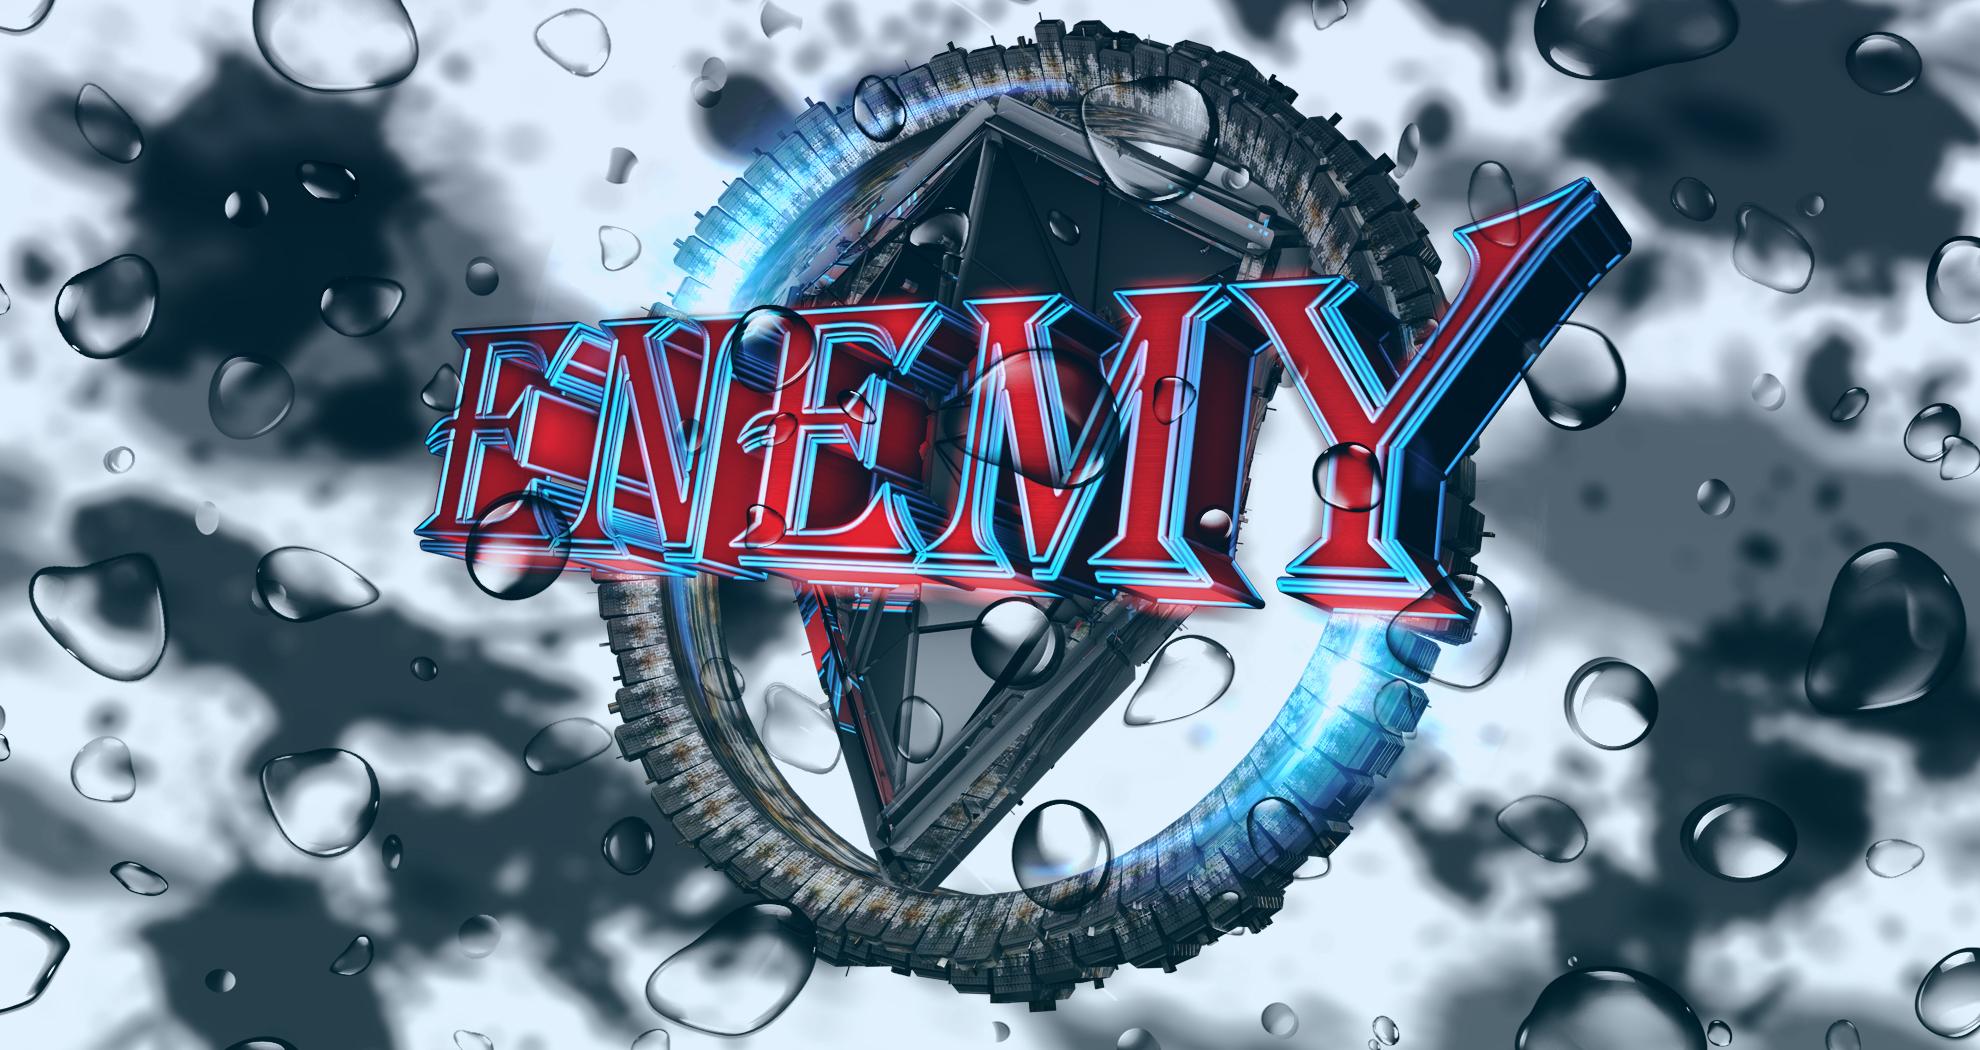 Создание концепции заставки и логотипа (телеканал) фото f_575566c8c048aa54.jpg